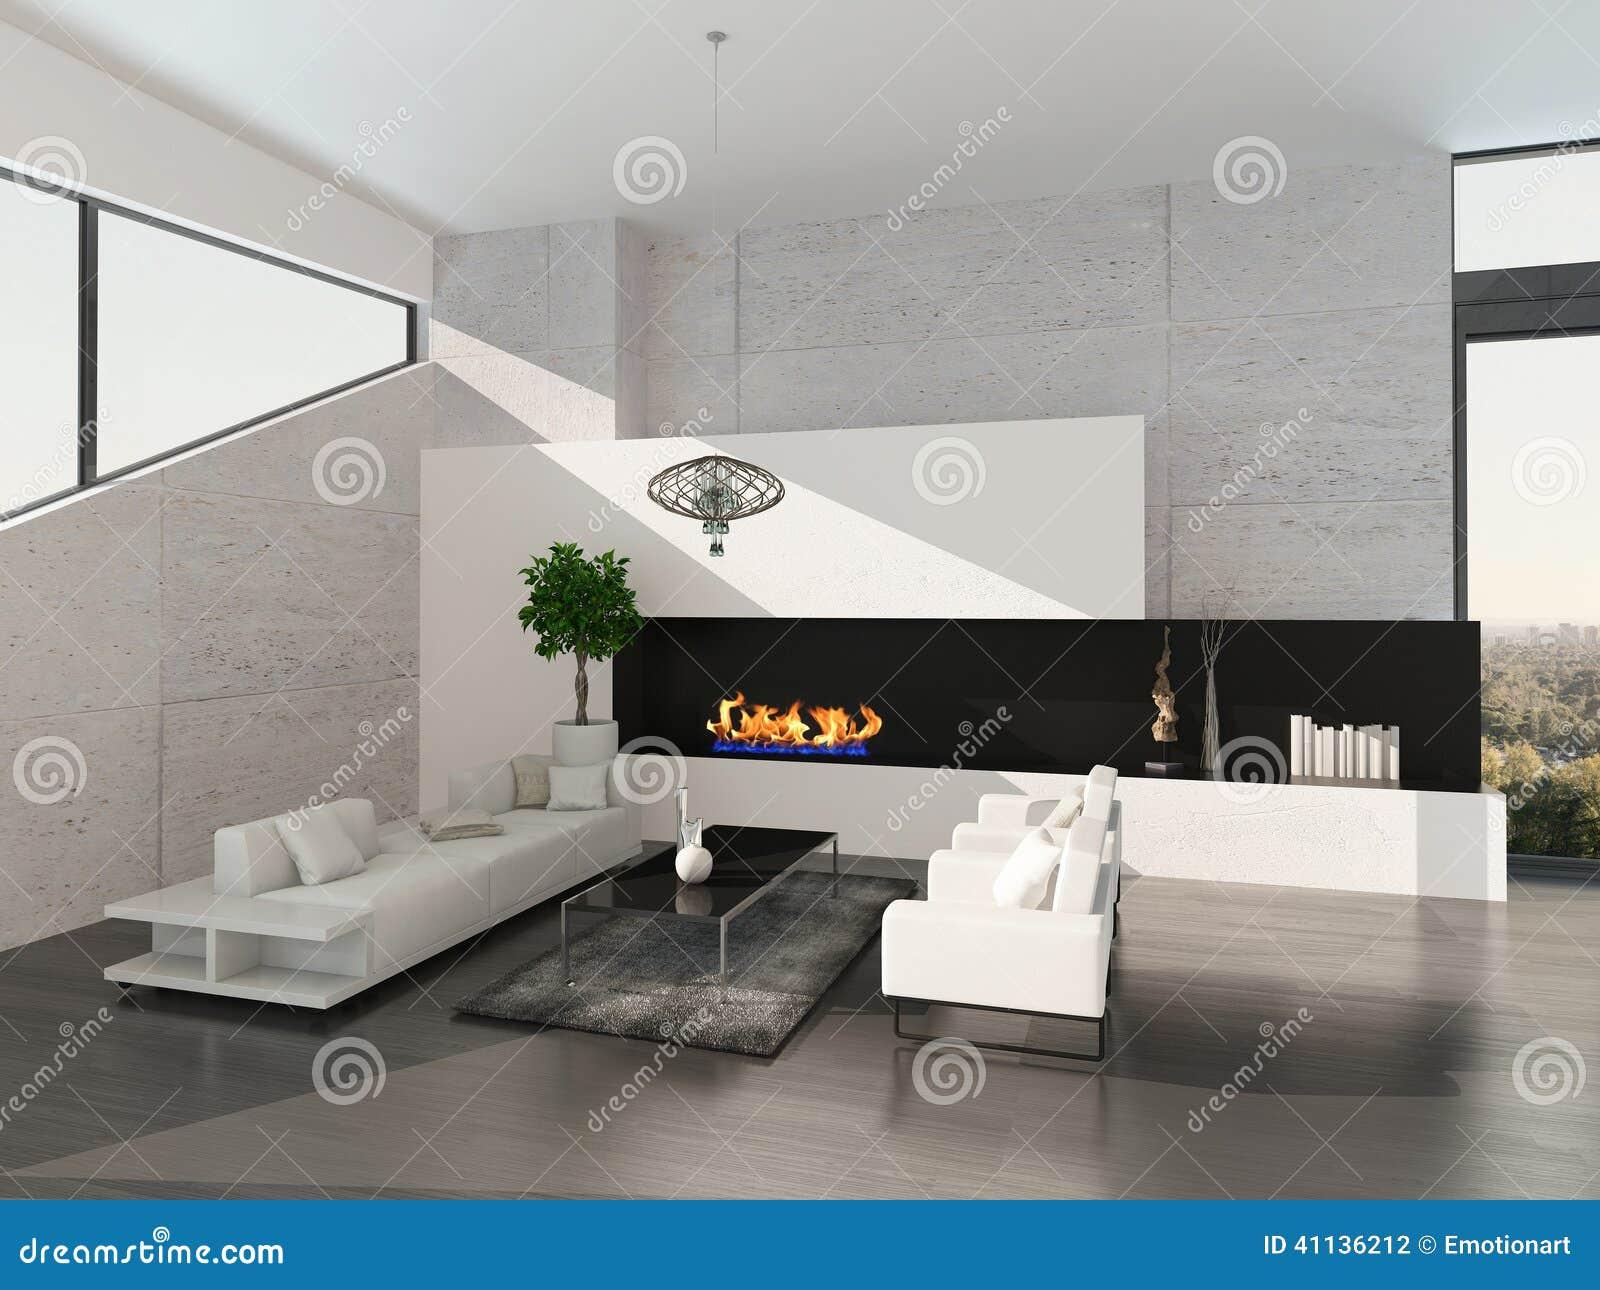 Camino In Pietra Moderno : Interno moderno del salone con la parete di pietra ed il camino